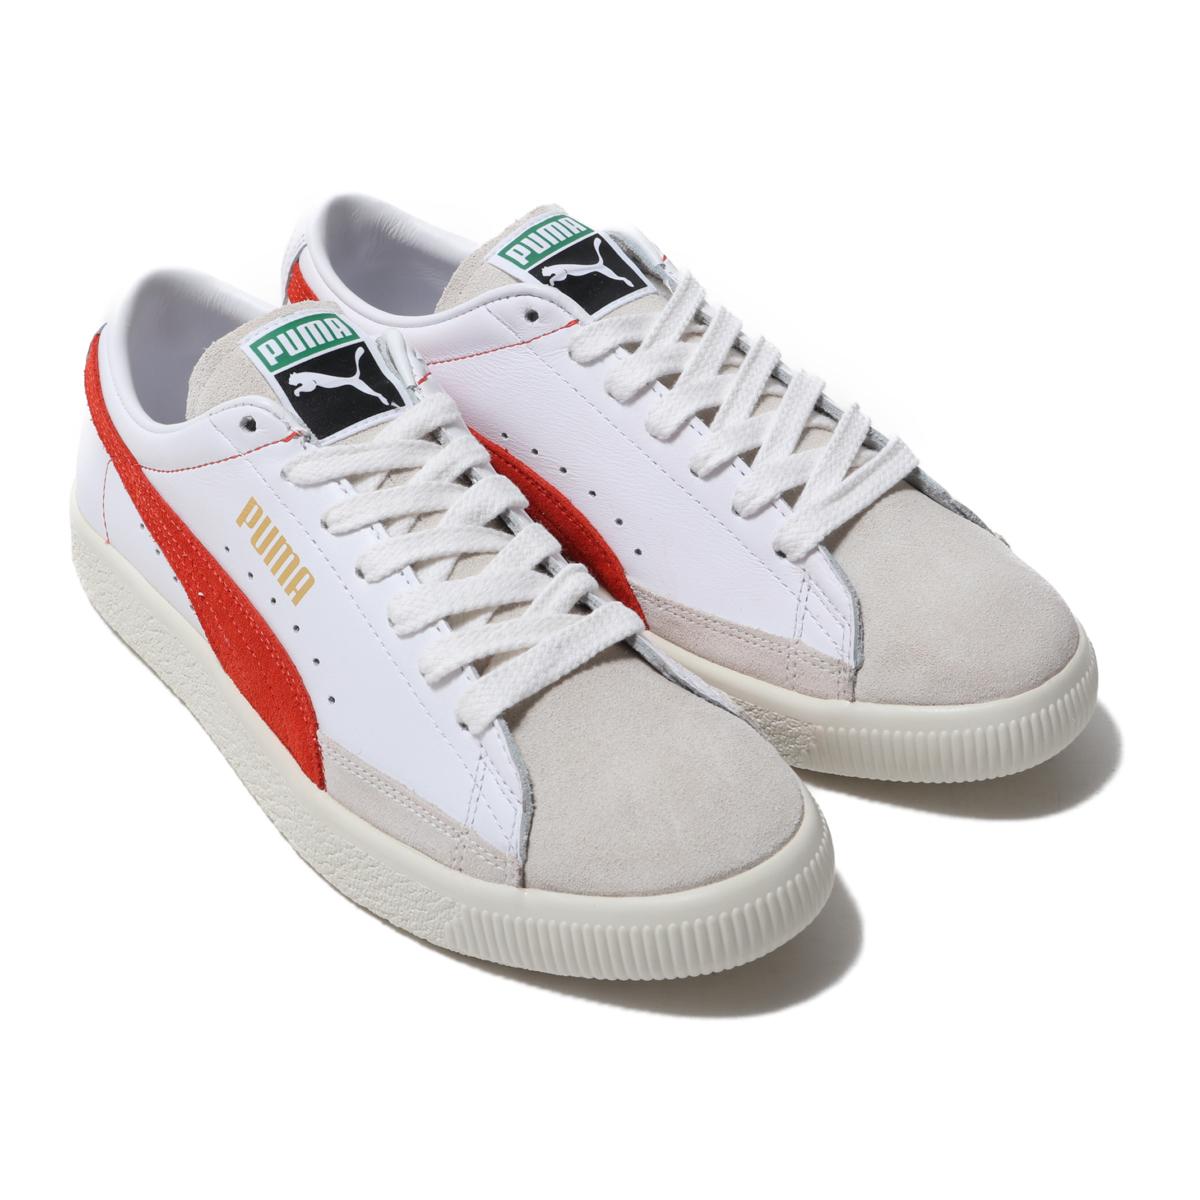 best website 2fad6 d918e PUMA BASKET 90680 (Puma basket 90680) PUMA WHITE